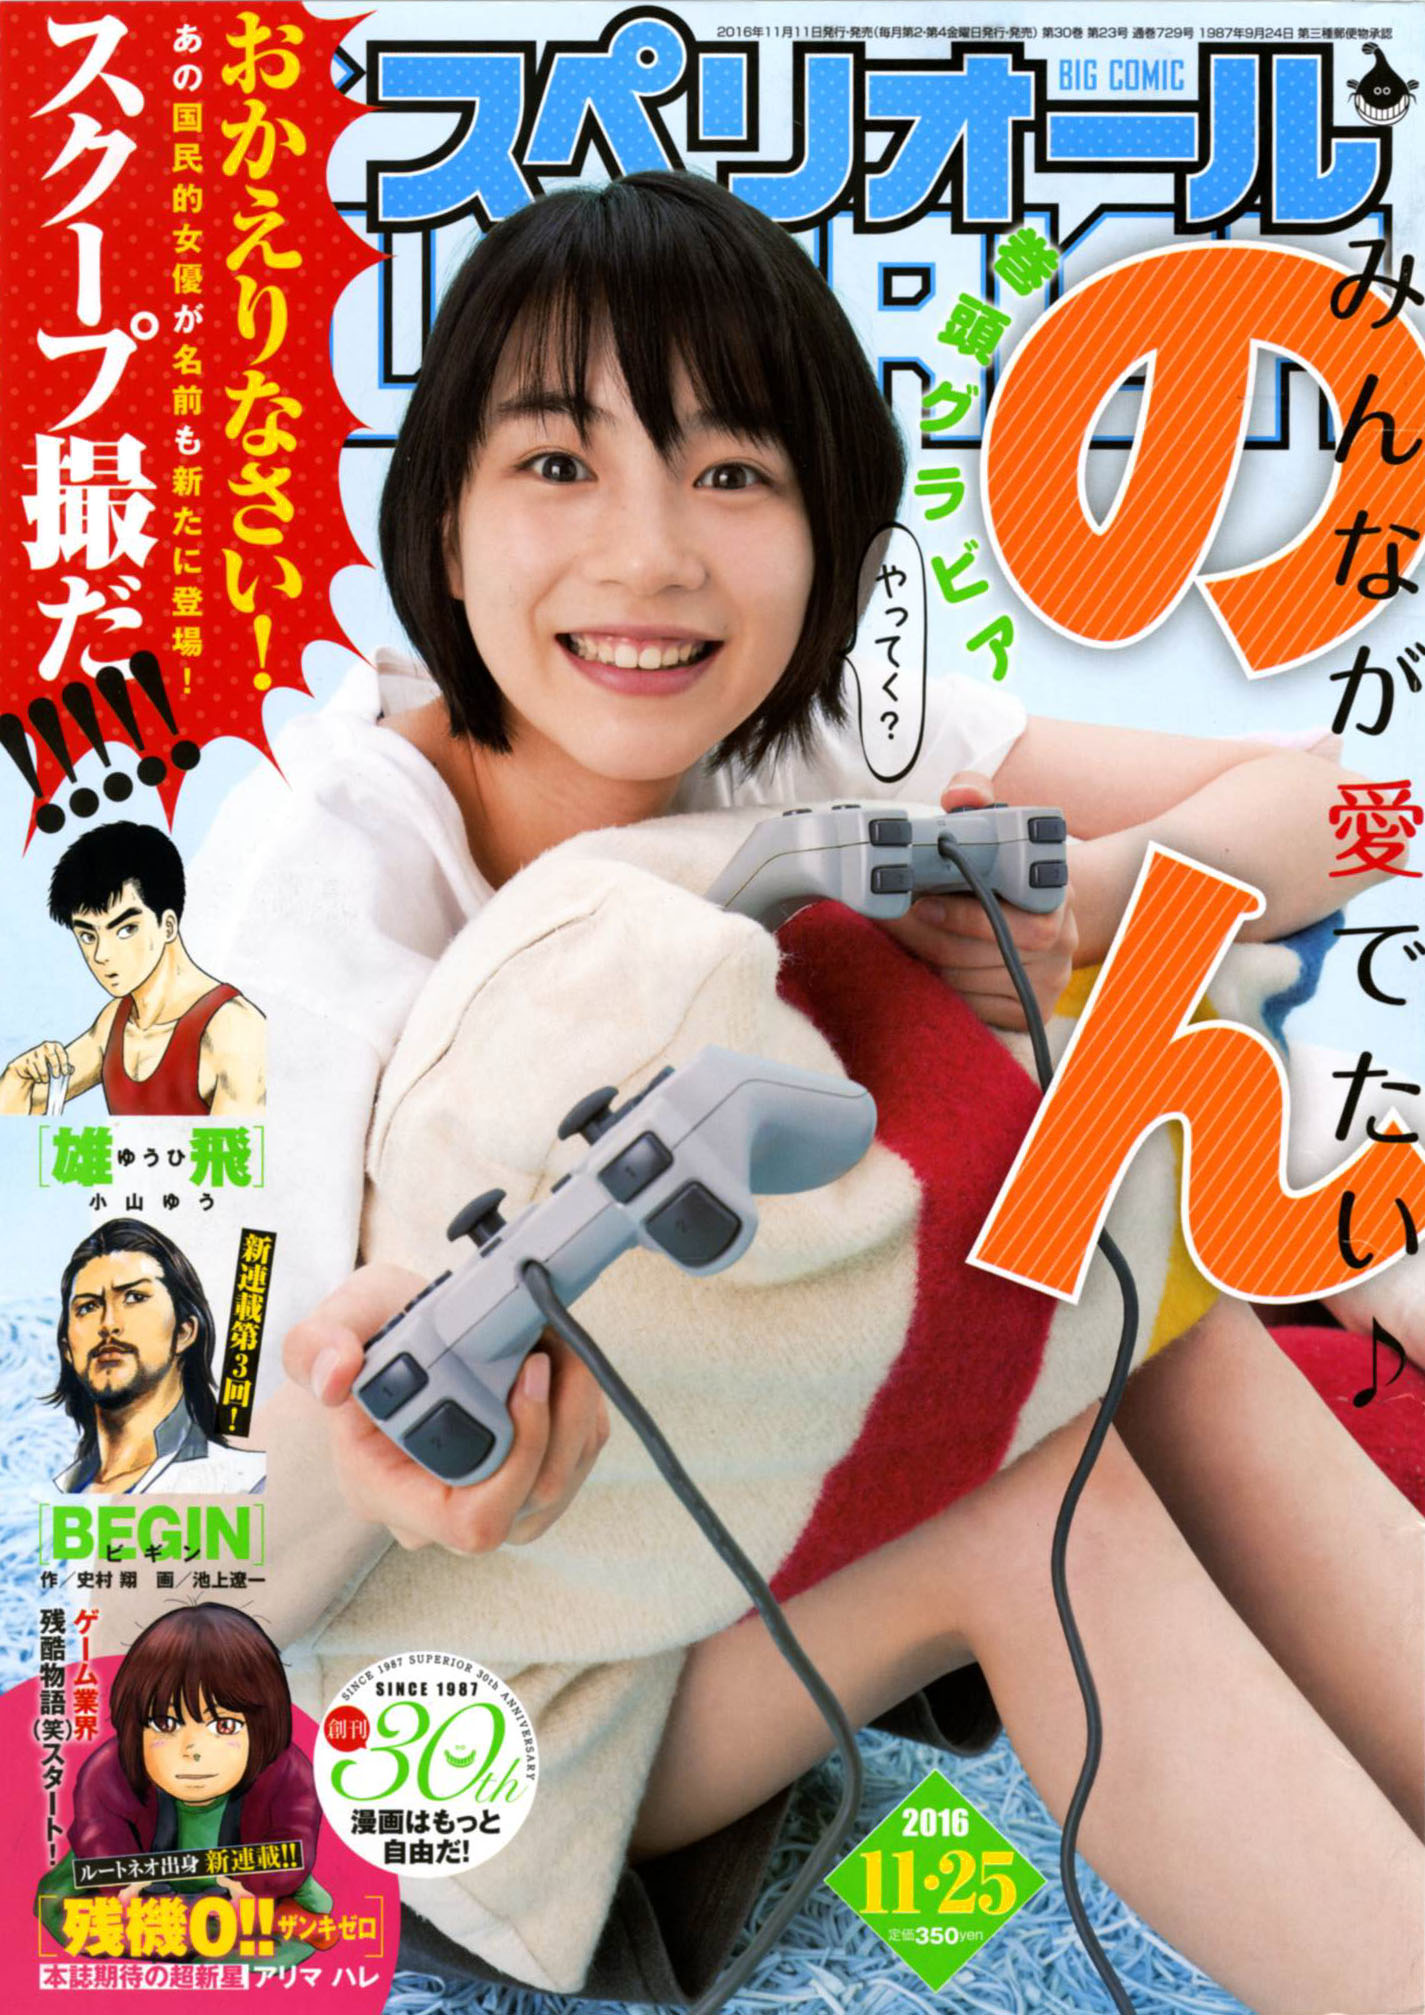 「ビッグコミックスペリオール」最新号、新連載『残機0!!ザンキゼロ』と国民的女優「のん」の巻頭グラビアに注目!